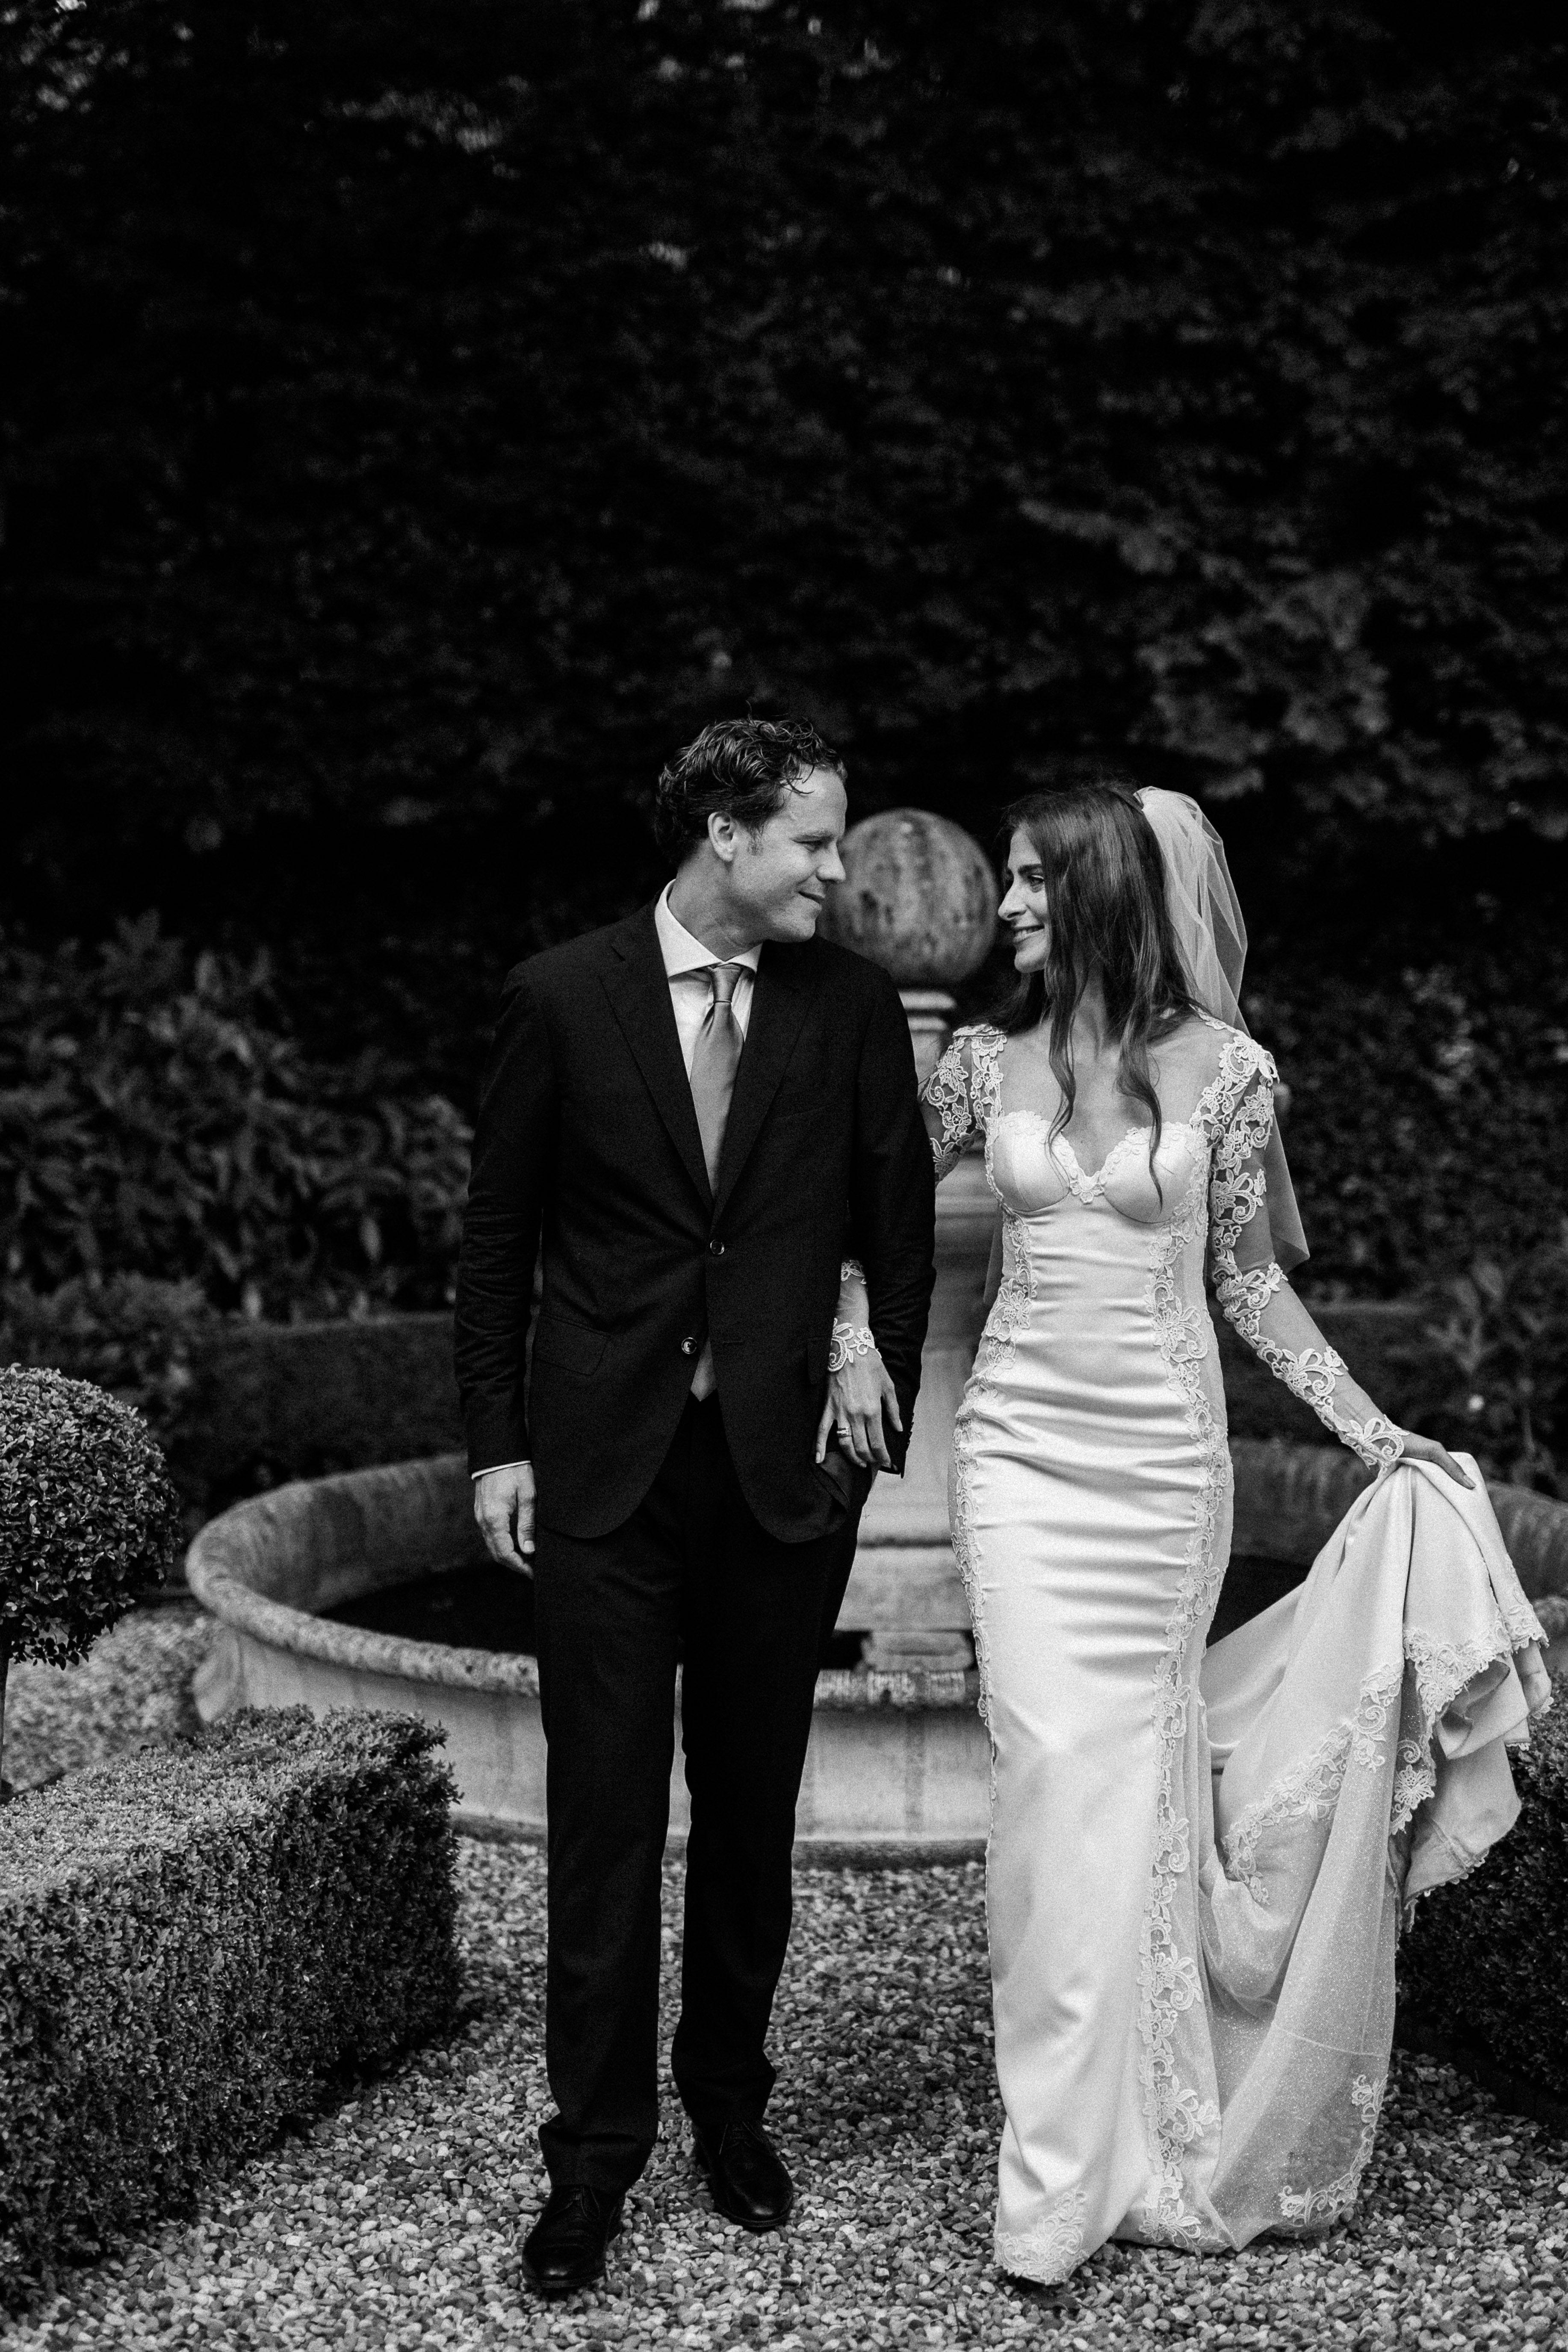 Jannicke roos wedding dress